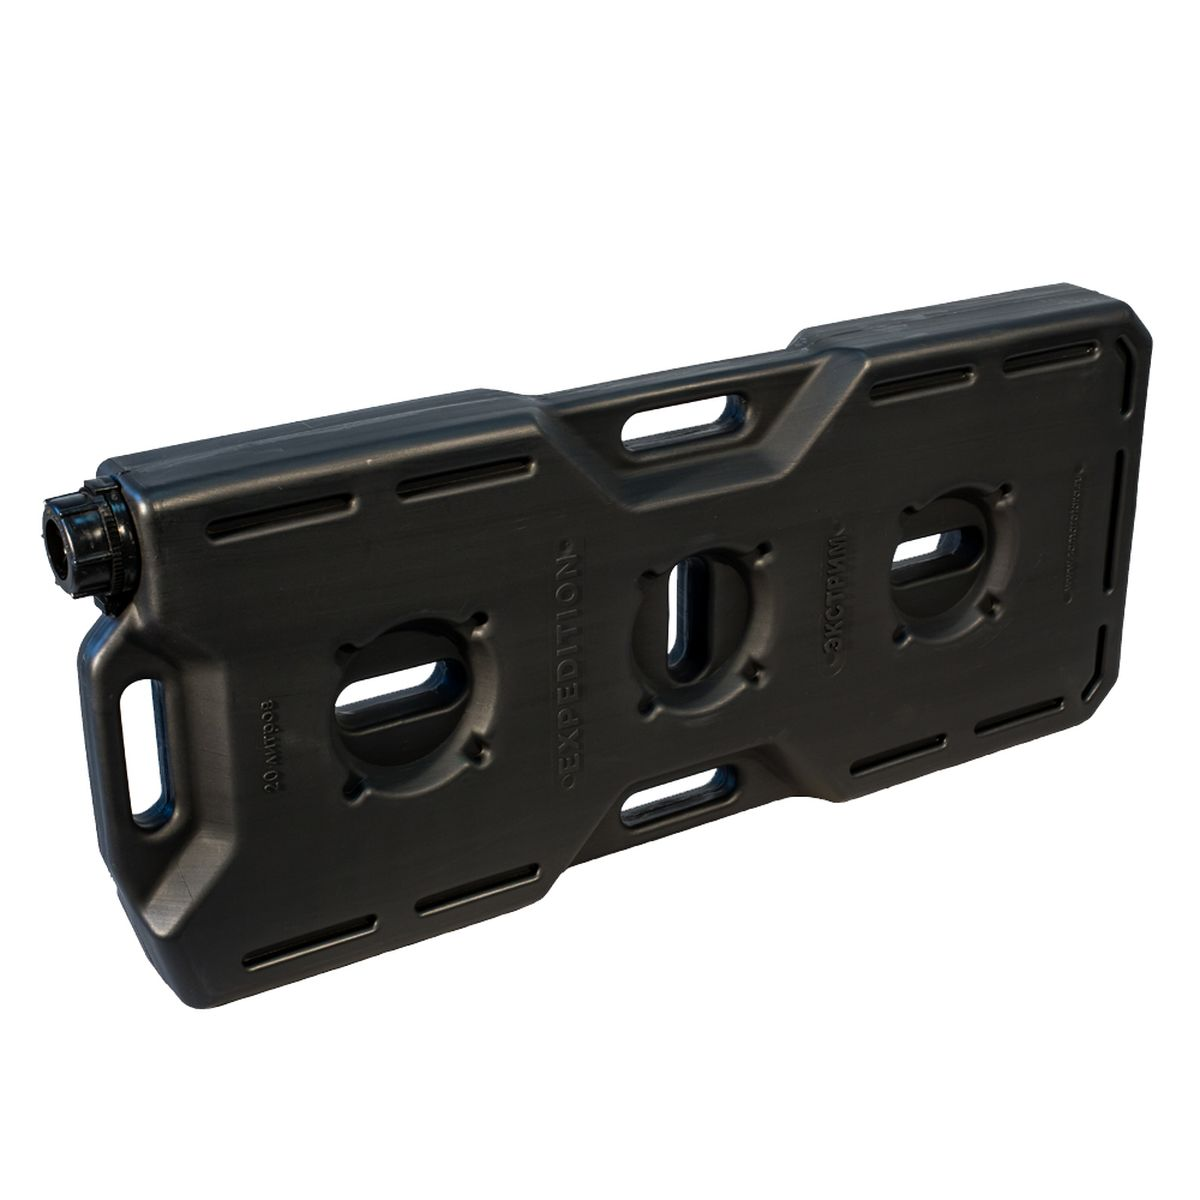 Канистра автомобильная Экстрим Плюс, цвет: черный, 20 л канистра пластиковая phantom для гсм 5 л